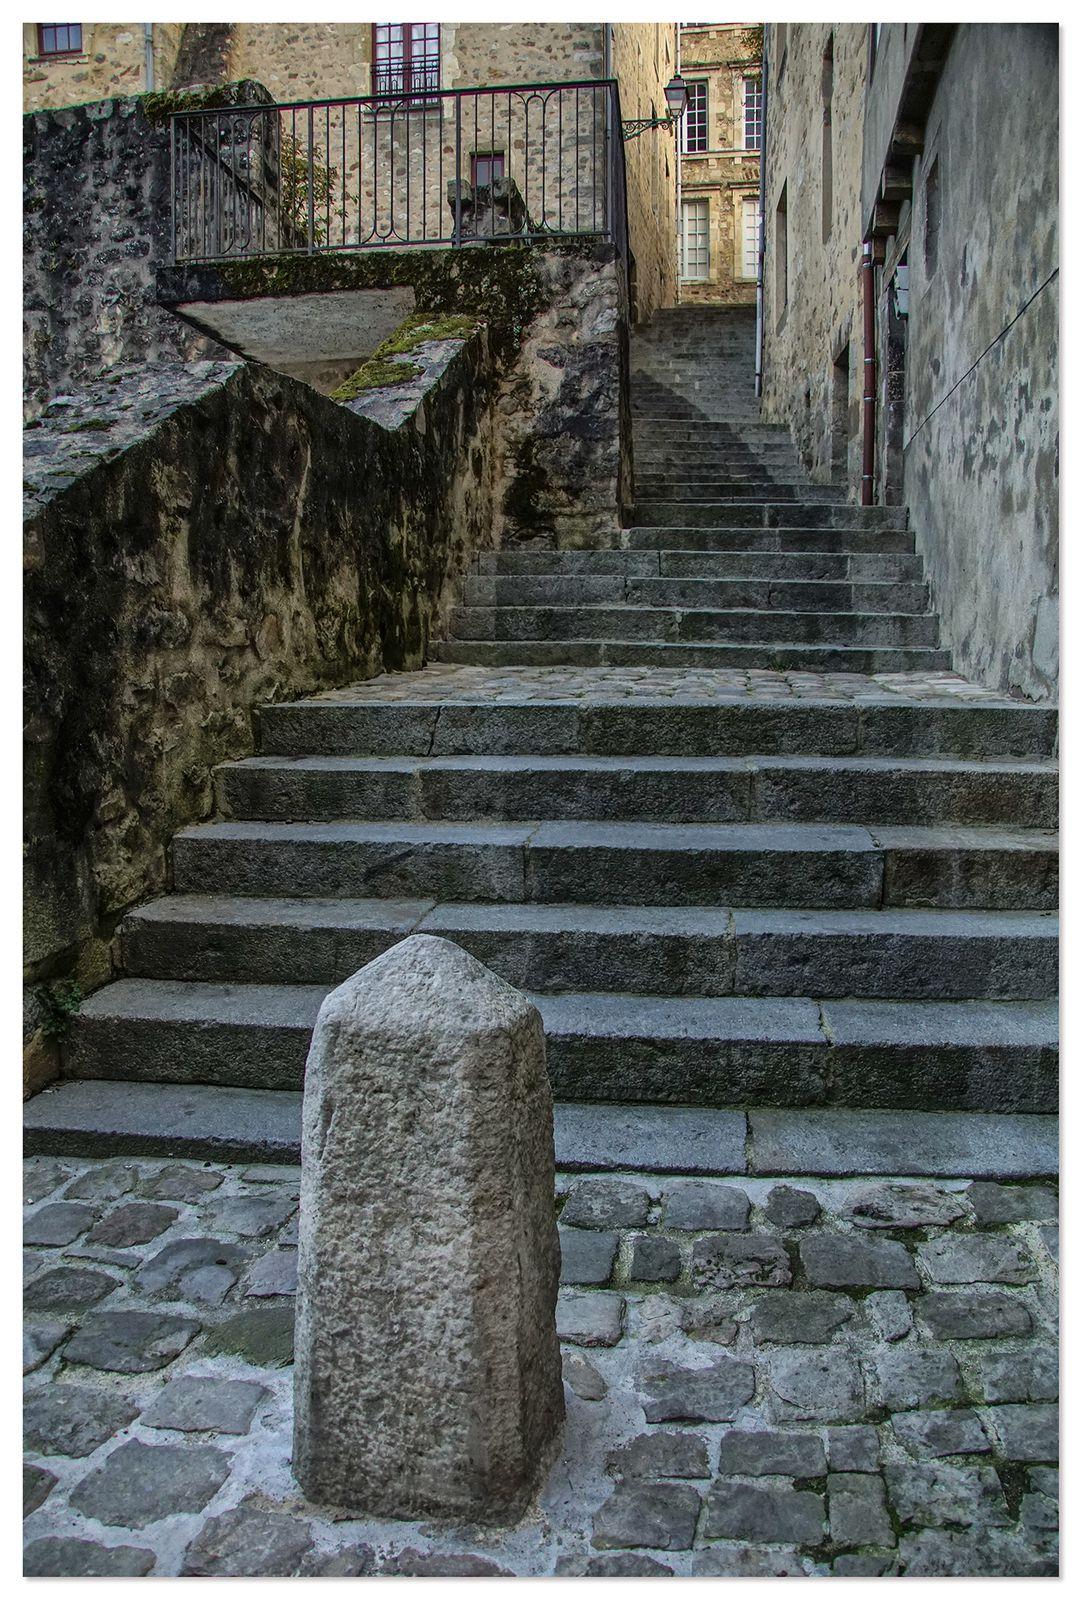 Escalier de la petite Poterne - Cité plantagenêt - Le Mans